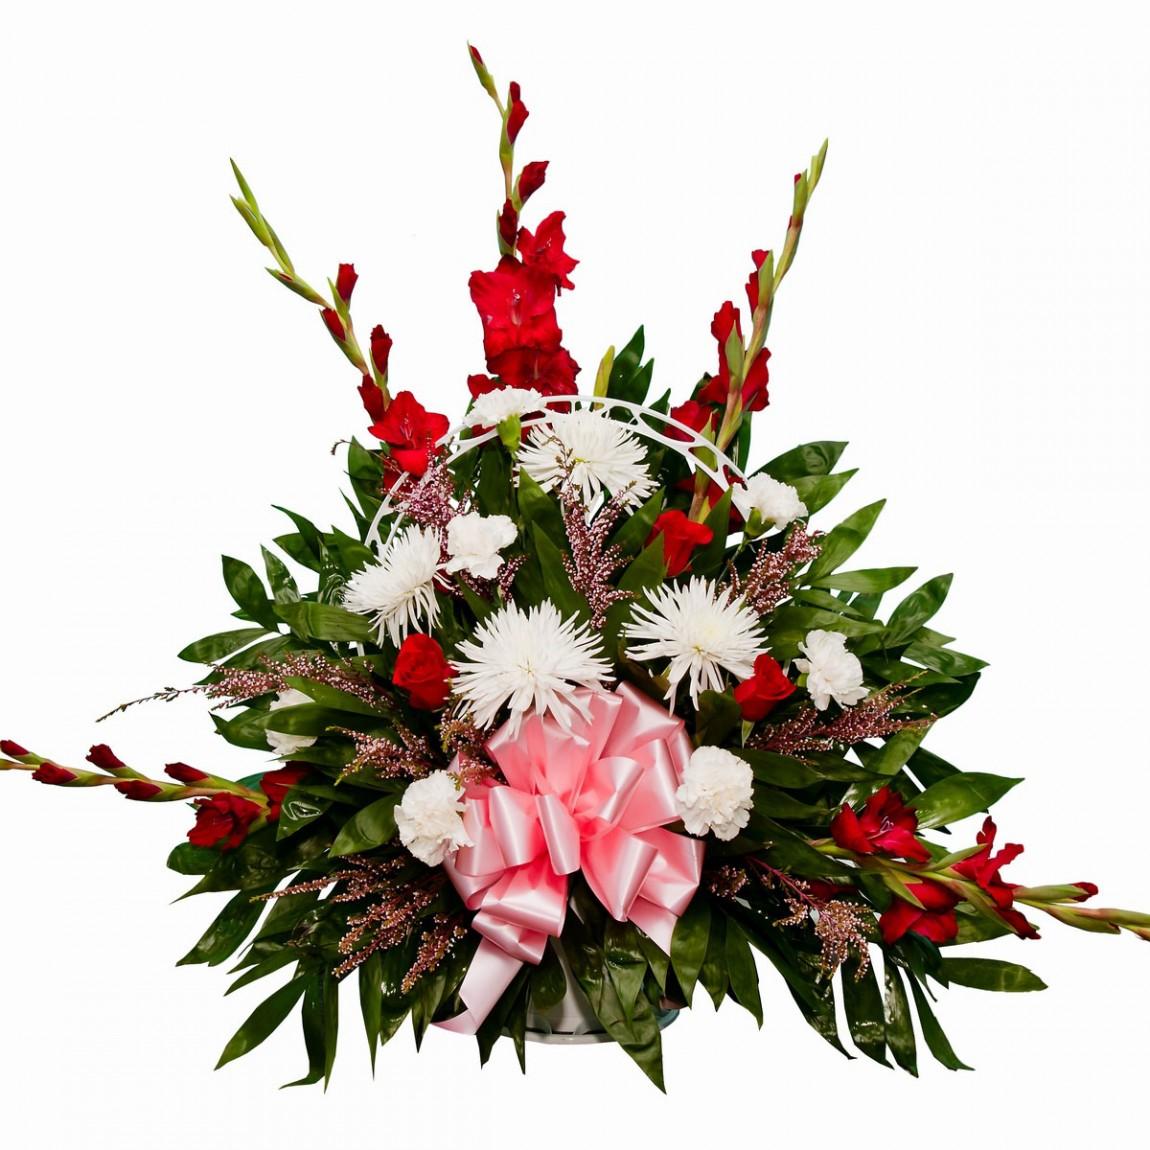 Alexs flowers gallery izmirmasajfo